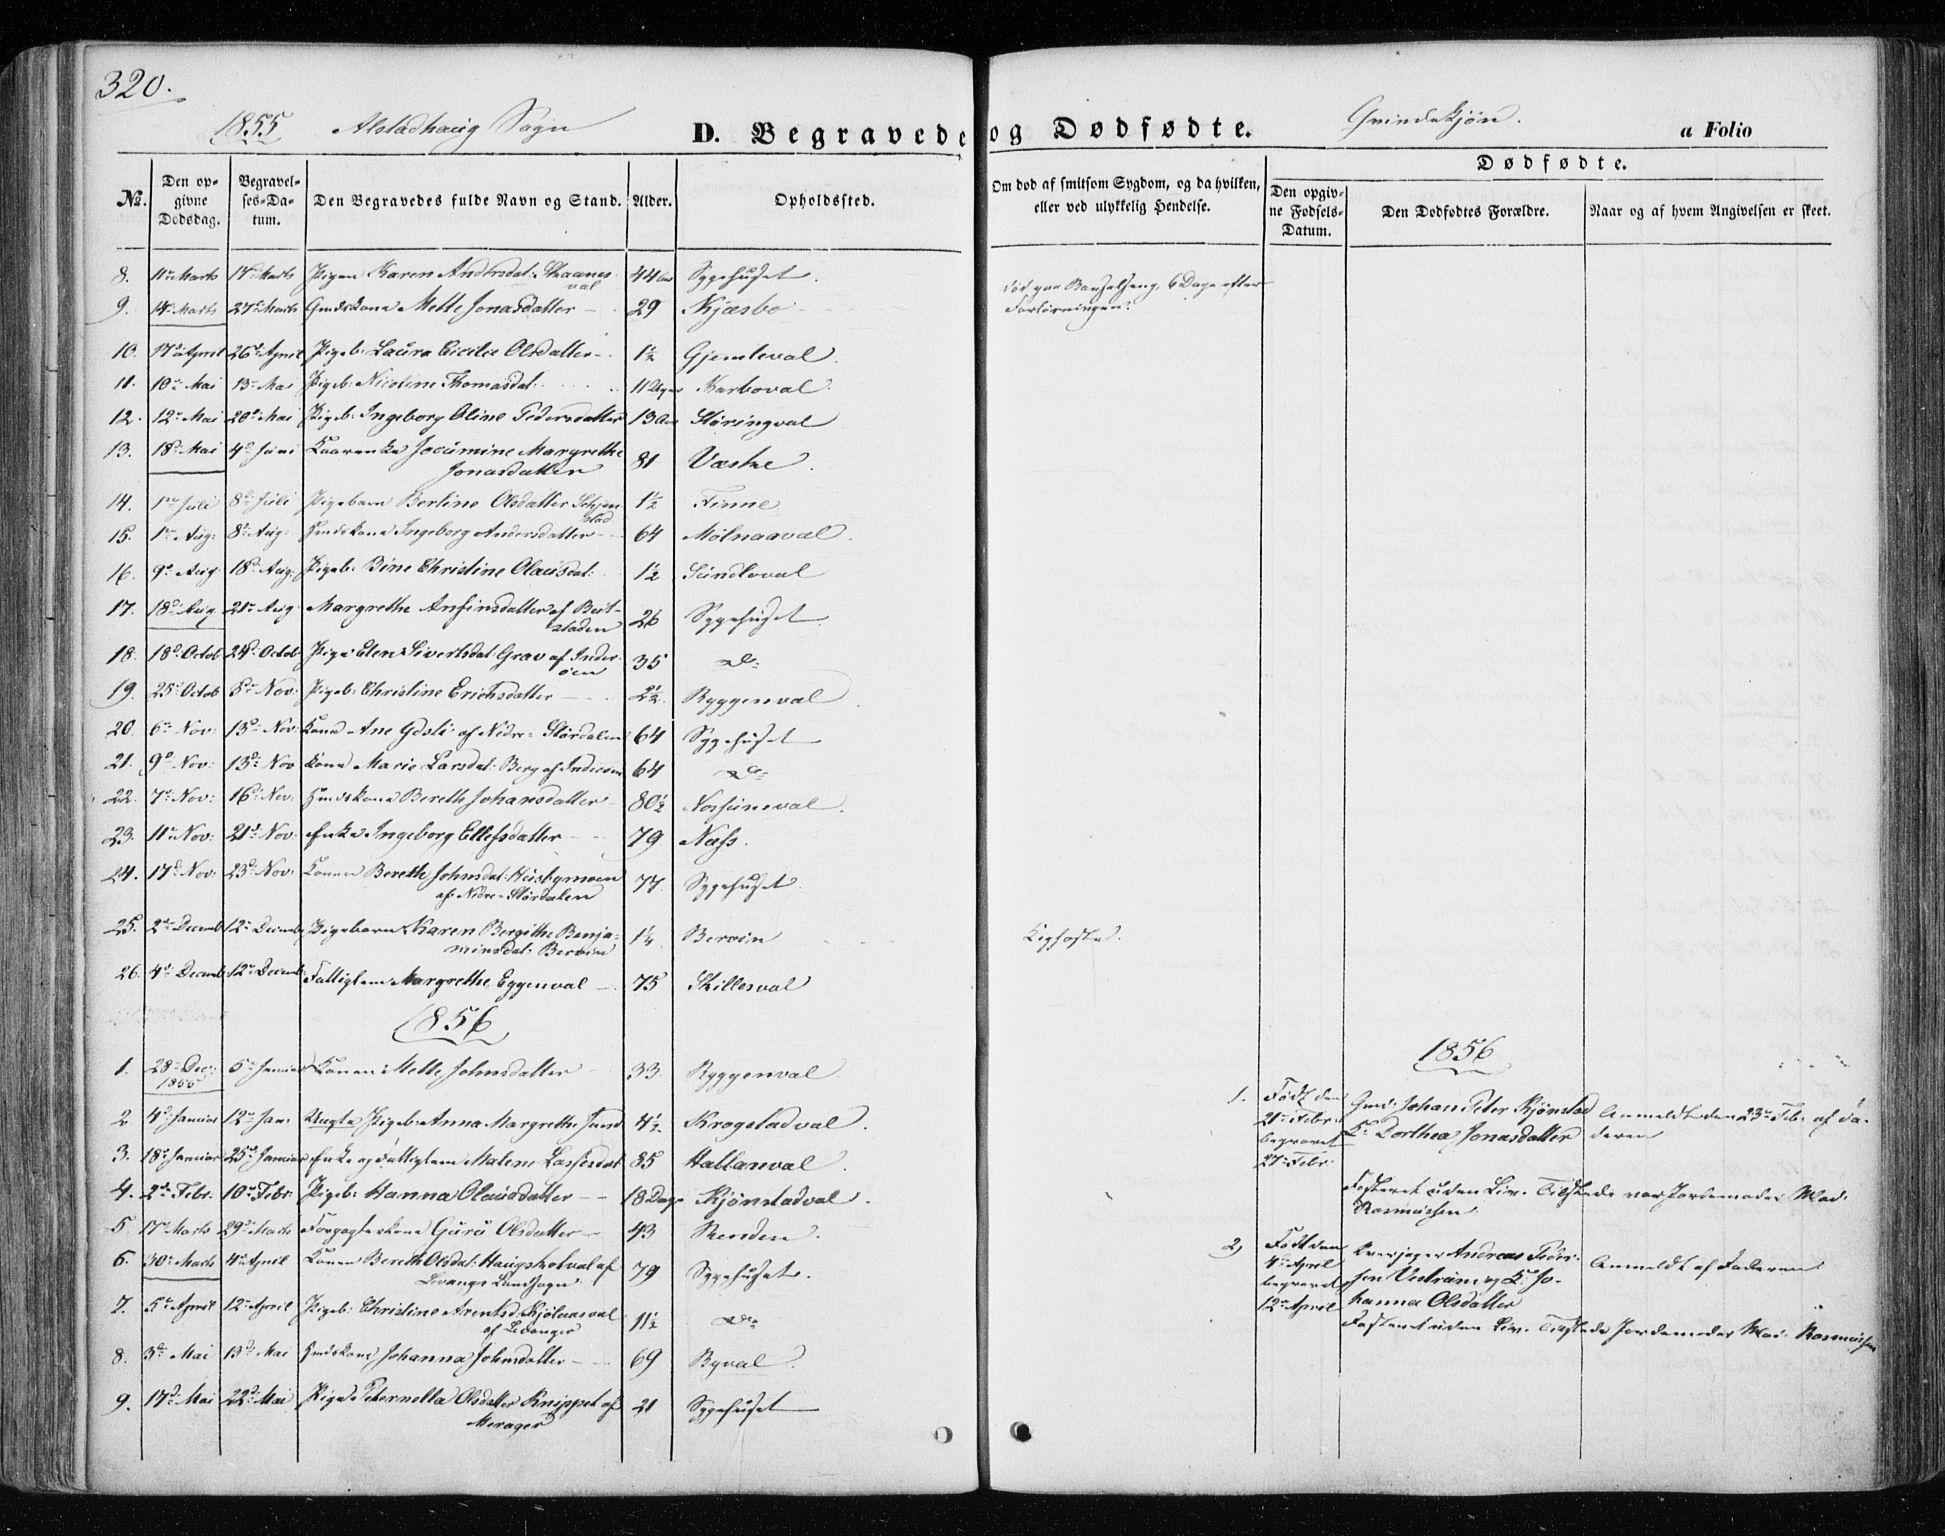 SAT, Ministerialprotokoller, klokkerbøker og fødselsregistre - Nord-Trøndelag, 717/L0154: Ministerialbok nr. 717A07 /1, 1850-1862, s. 320